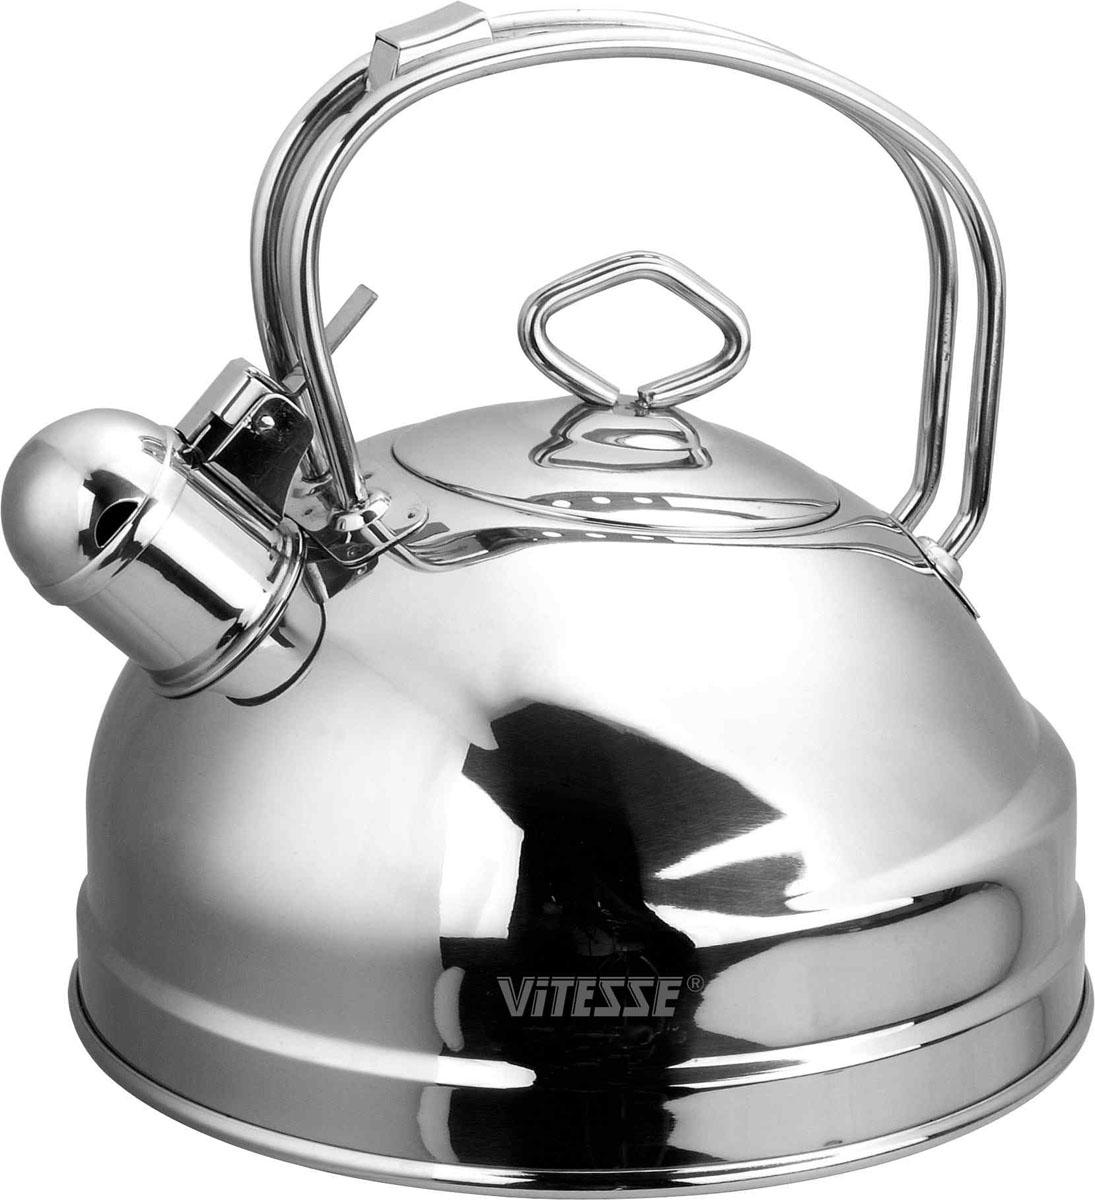 Чайник Vitesse Nayer со свистком, 2,5 лVS-1106Чайник Vitesse Nayer выполнен из высококачественной нержавеющей стали 18/10. Капсулированное дно с прослойкой из алюминия обеспечивает наилучшее распределение тепла. Носик чайника оснащен откидной насадкой-свистком, что позволит вам контролировать процесс подогрева или кипячения воды. Ручка не нагревается, имеет фиксированное положение. Чайник Vitesse Nayer подходит для использования на всех типах плит. Также изделие можно мыть в посудомоечной машине. Характеристики: Материал: нержавеющая сталь 18/10. Диаметр основания чайника: 20 см. Высота чайника (с учетом крышки и ручки): 22 см. Объем: 2,5 л. Размер упаковки: 20,5 см х 20,5 см х 22,5 см. Изготовитель: Китай. Артикул: VS-1106. Кухонная посуда марки Vitesse из нержавеющей стали 18/10 предоставит вам все необходимое для получения удовольствия от...